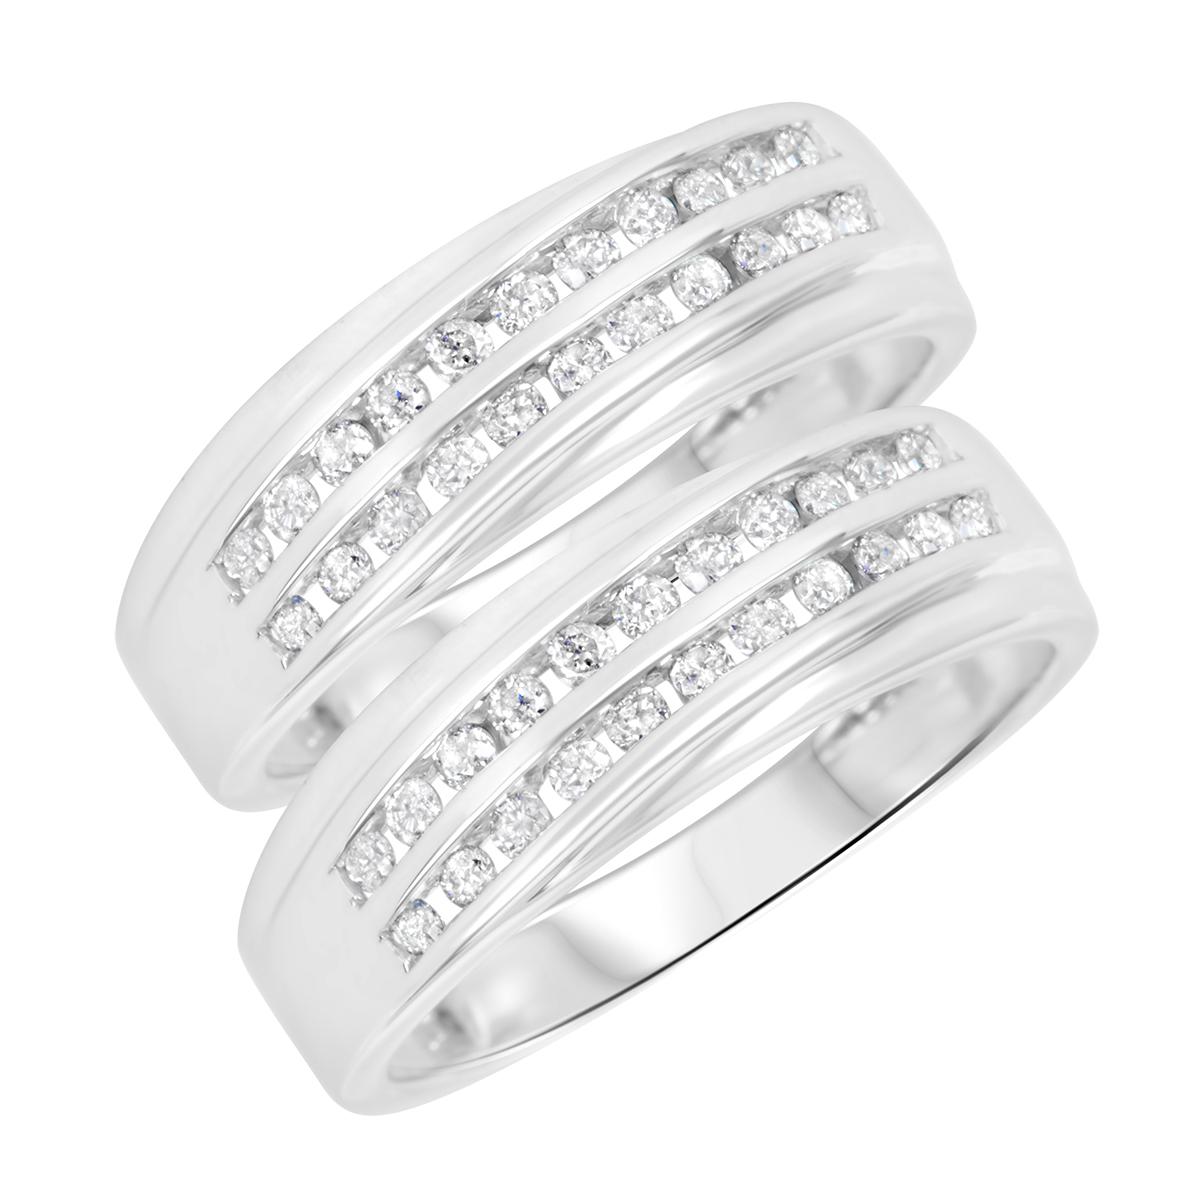 5/8 Carat T.W. Round Cut Ladies Same Sex Wedding Band Set 14K White Gold- Size 8